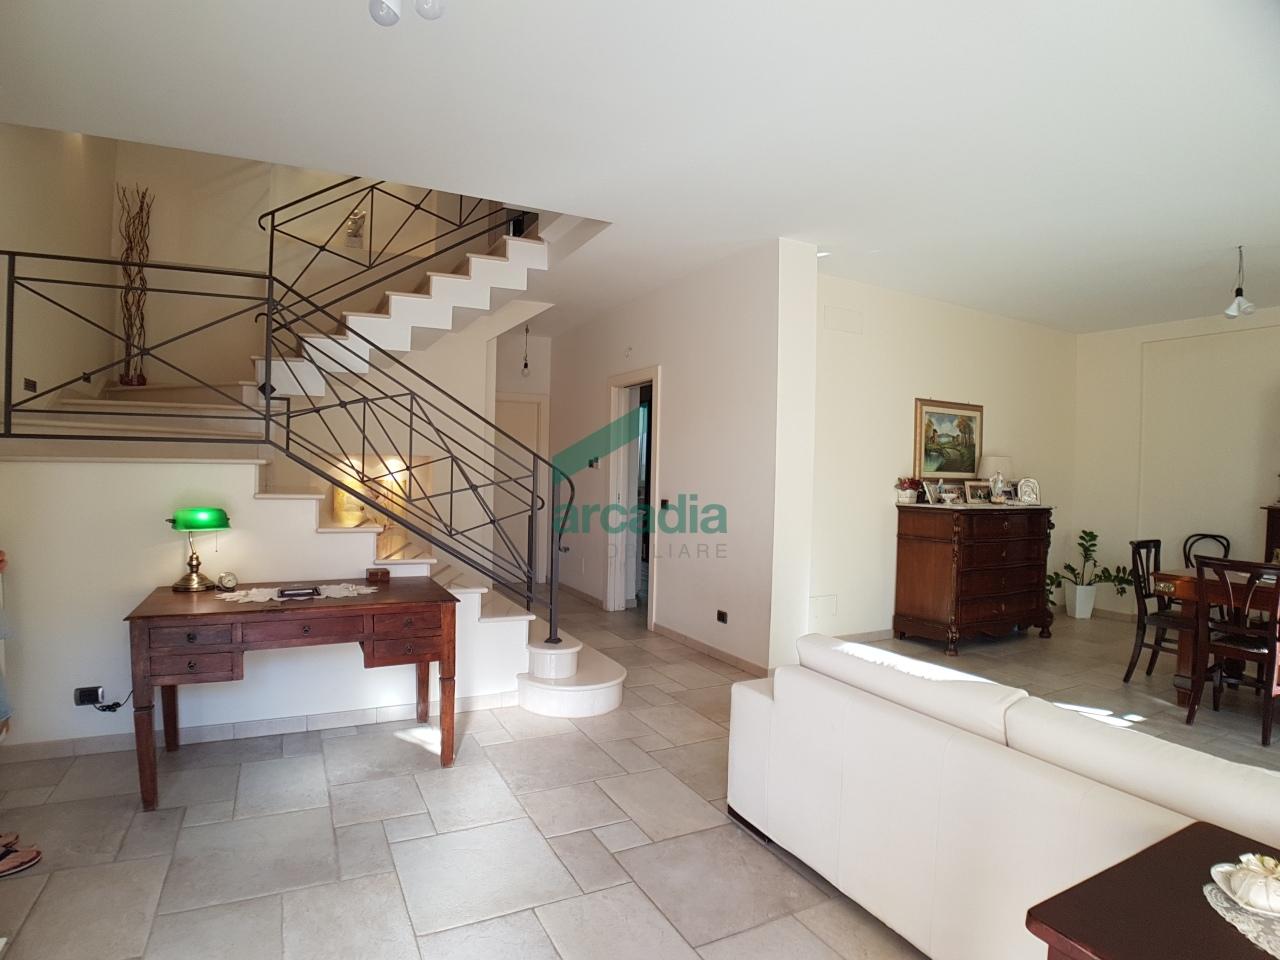 Villa in vendita a Grumo Appula, 12 locali, prezzo € 550.000 | CambioCasa.it